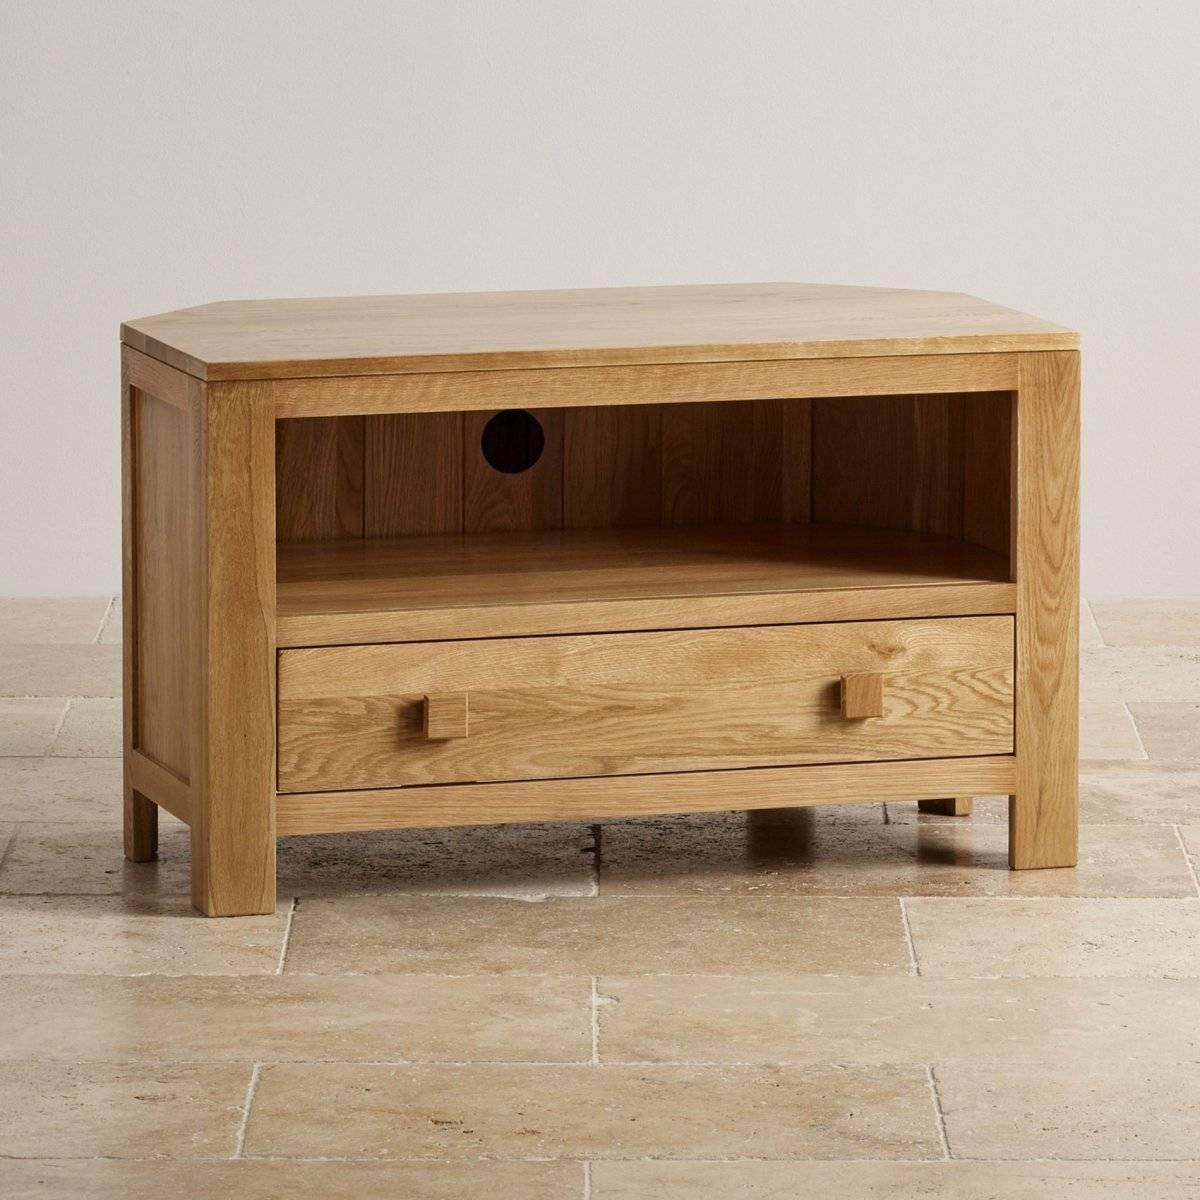 Oakdale Corner Tv Cabinet In Solid Oak | Oak Furniture Land within Solid Oak Corner Tv Cabinets (Image 12 of 15)